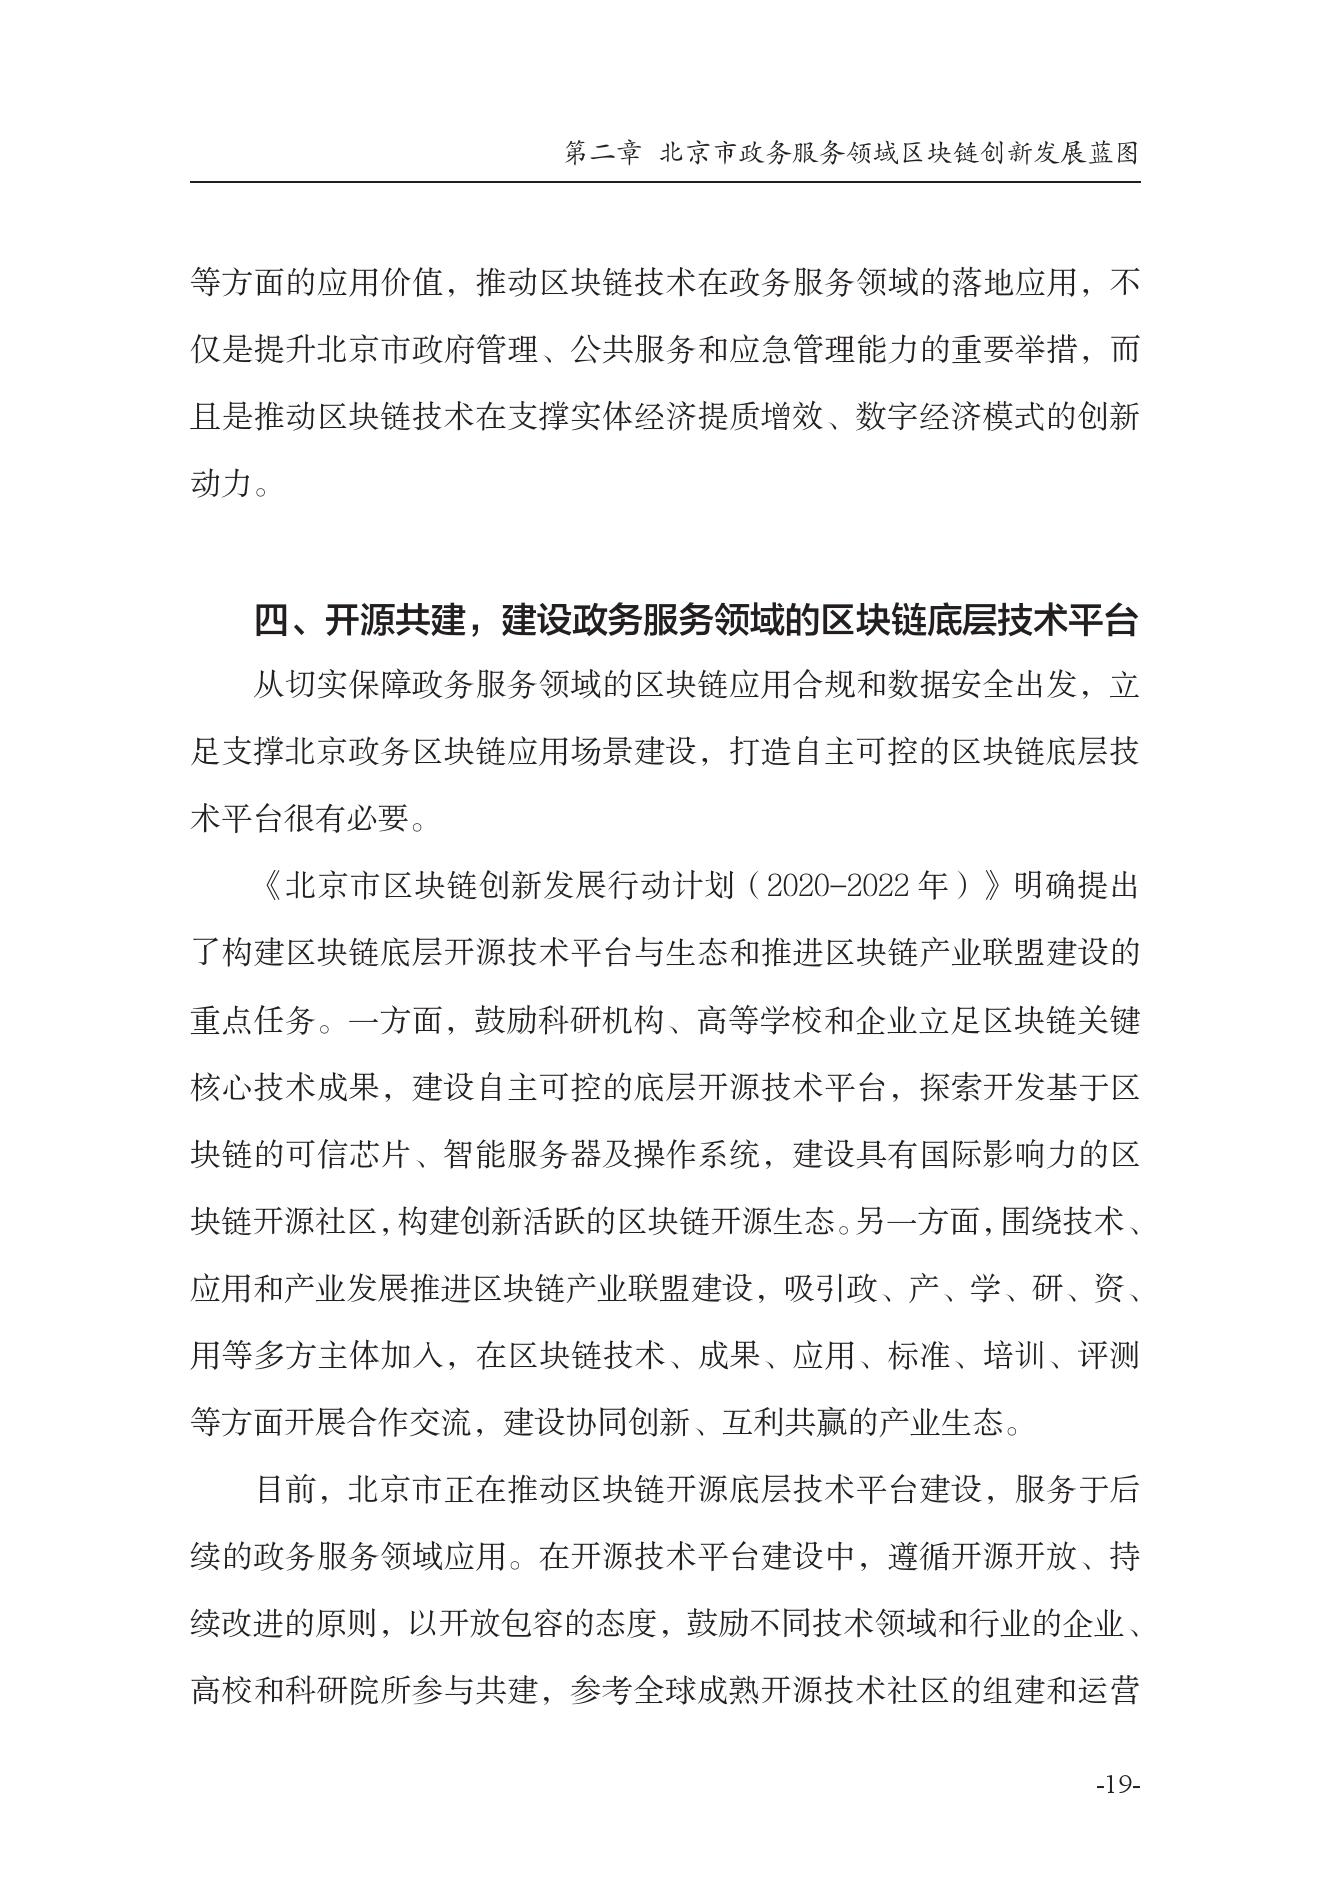 北京市政务服务领域区块链应用创新蓝皮书(可下载报告)插图(43)